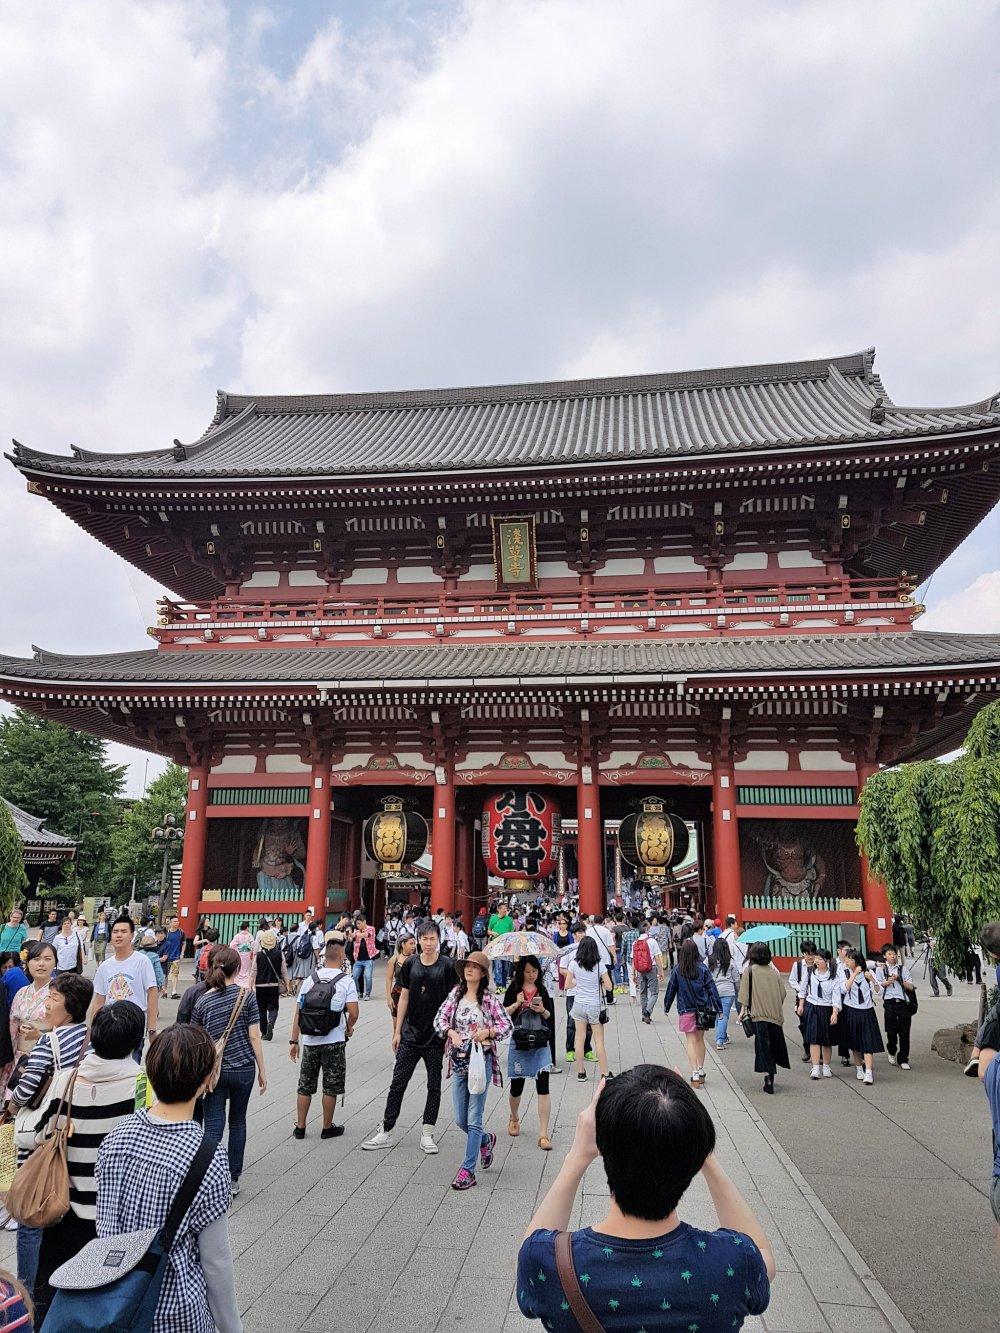 ประตูฟุไร จิน-มอน (furai jin-mon) หรือ ประตูแห่งเทพเจ้าสายลมและเทพเจ้าสายฟ้า แลนด์มาร์คของวัดเซ็นโซะจิ